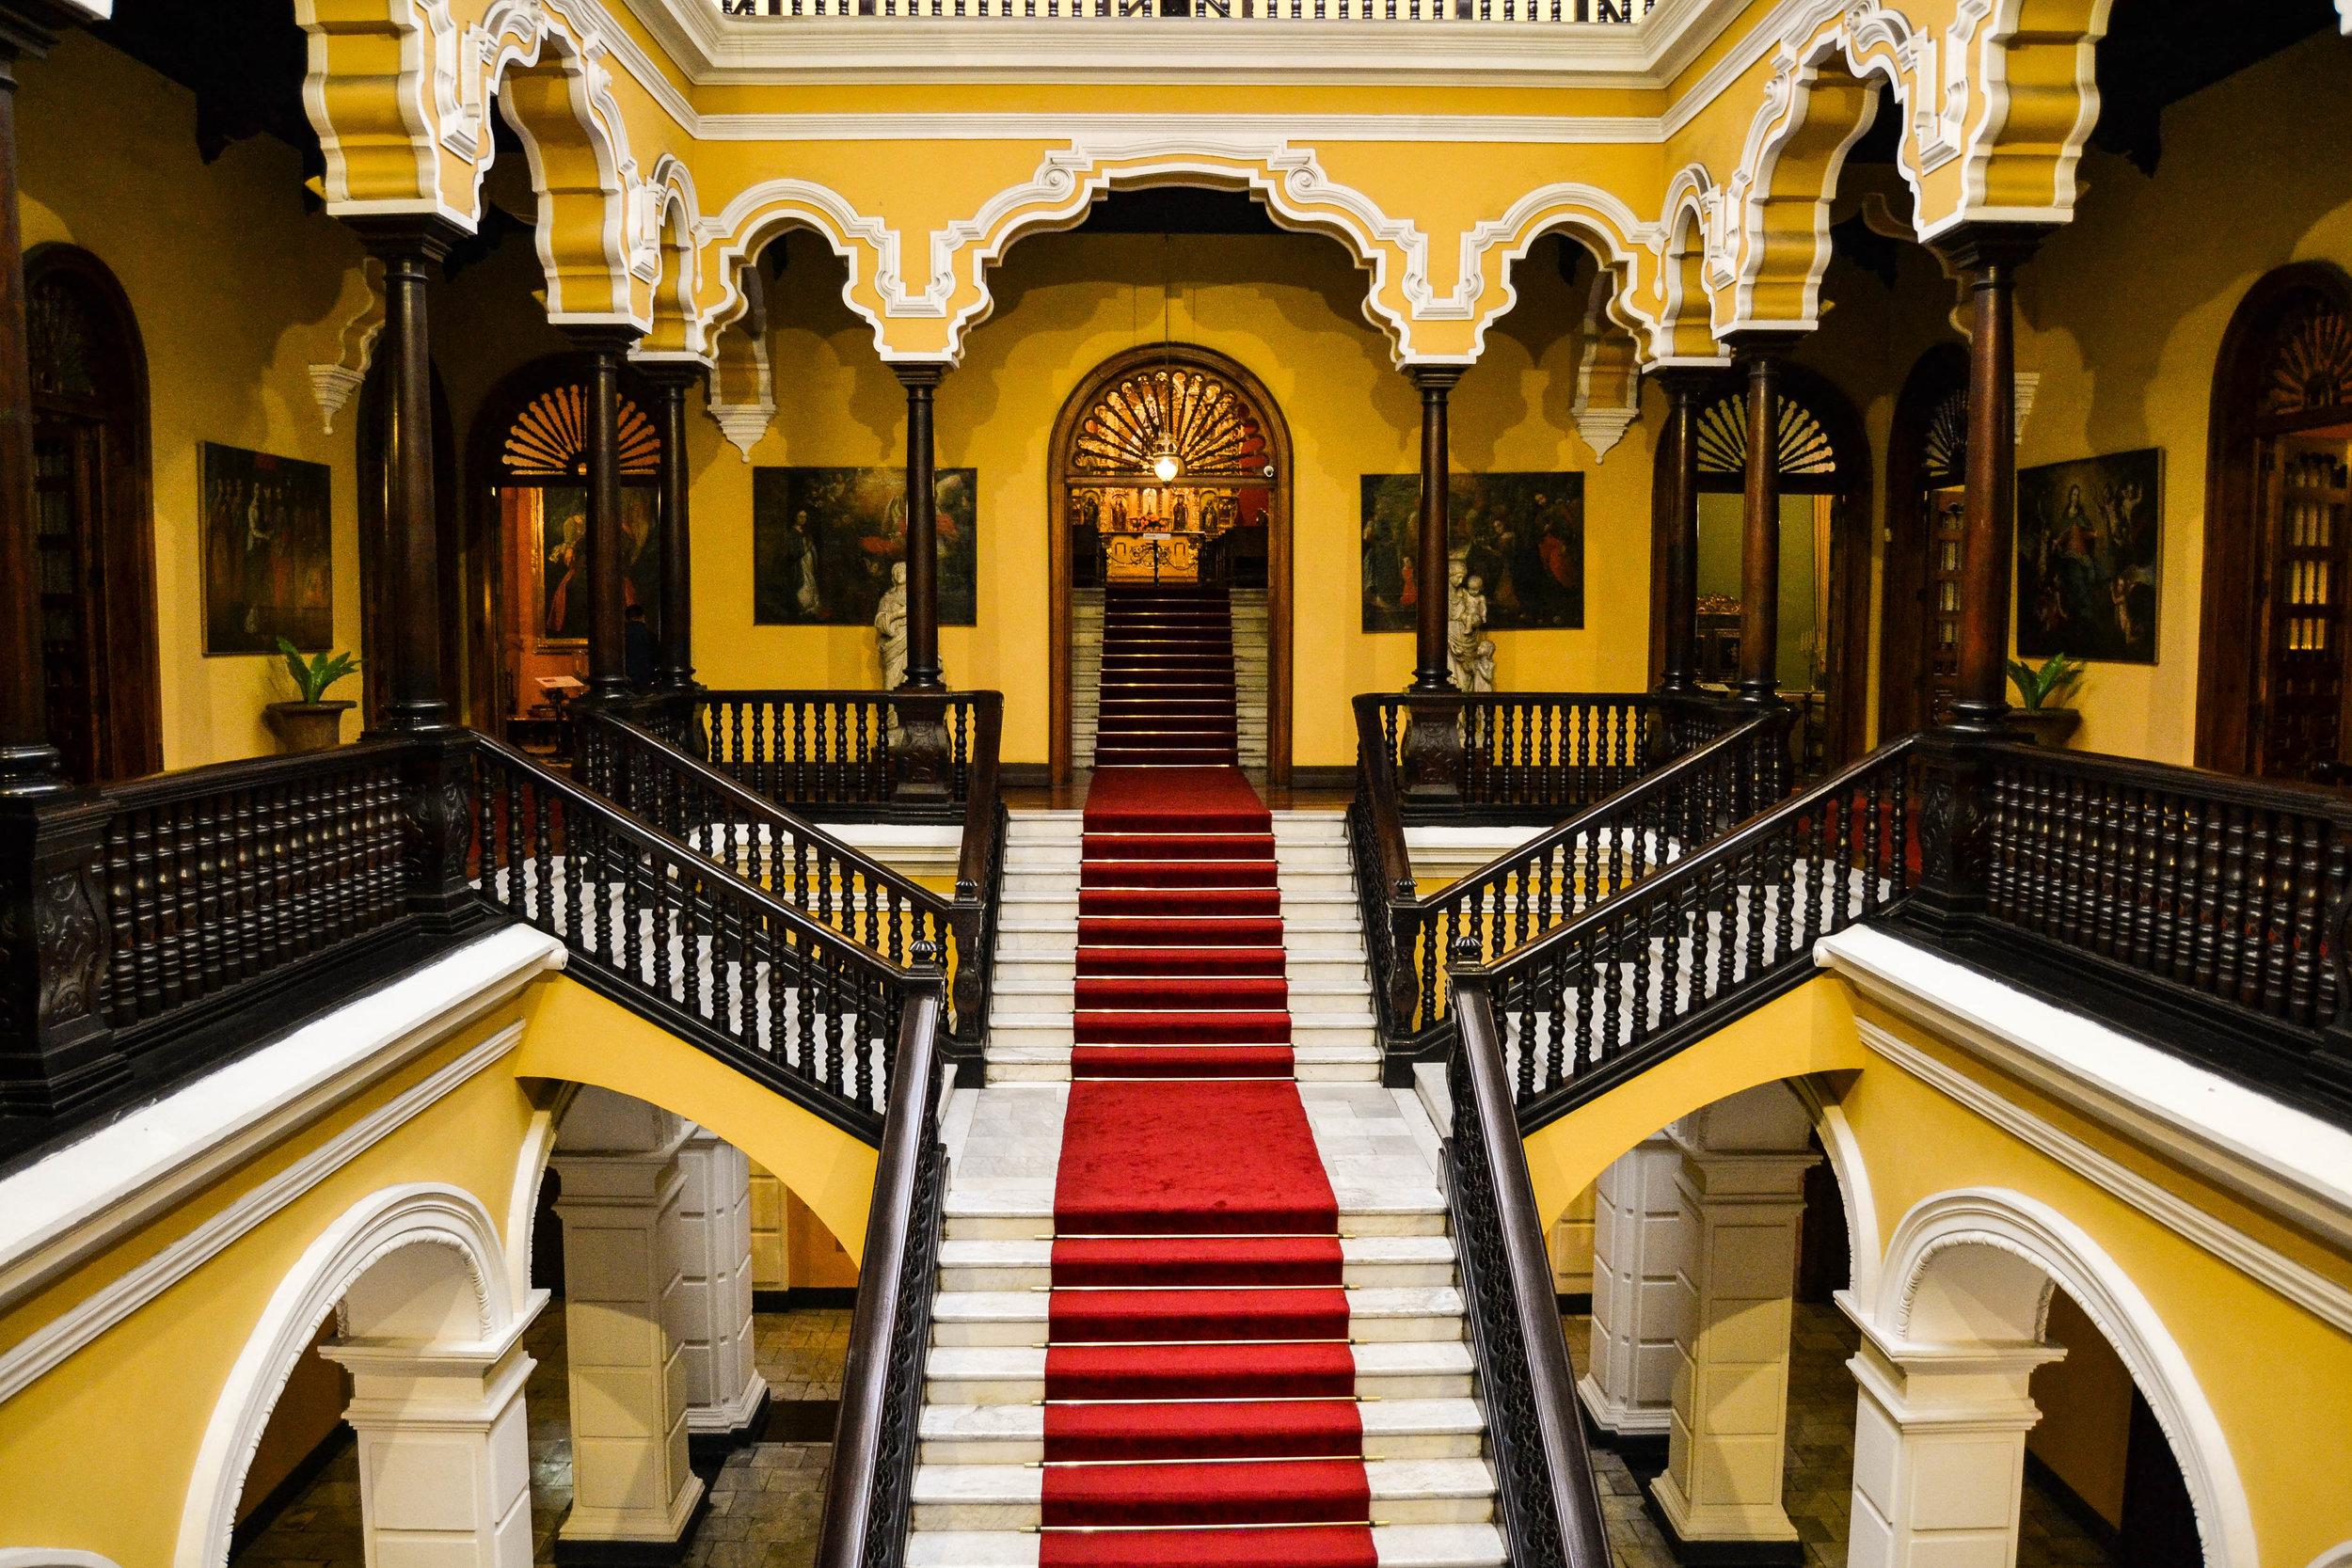 Lima Archbishop's Palace